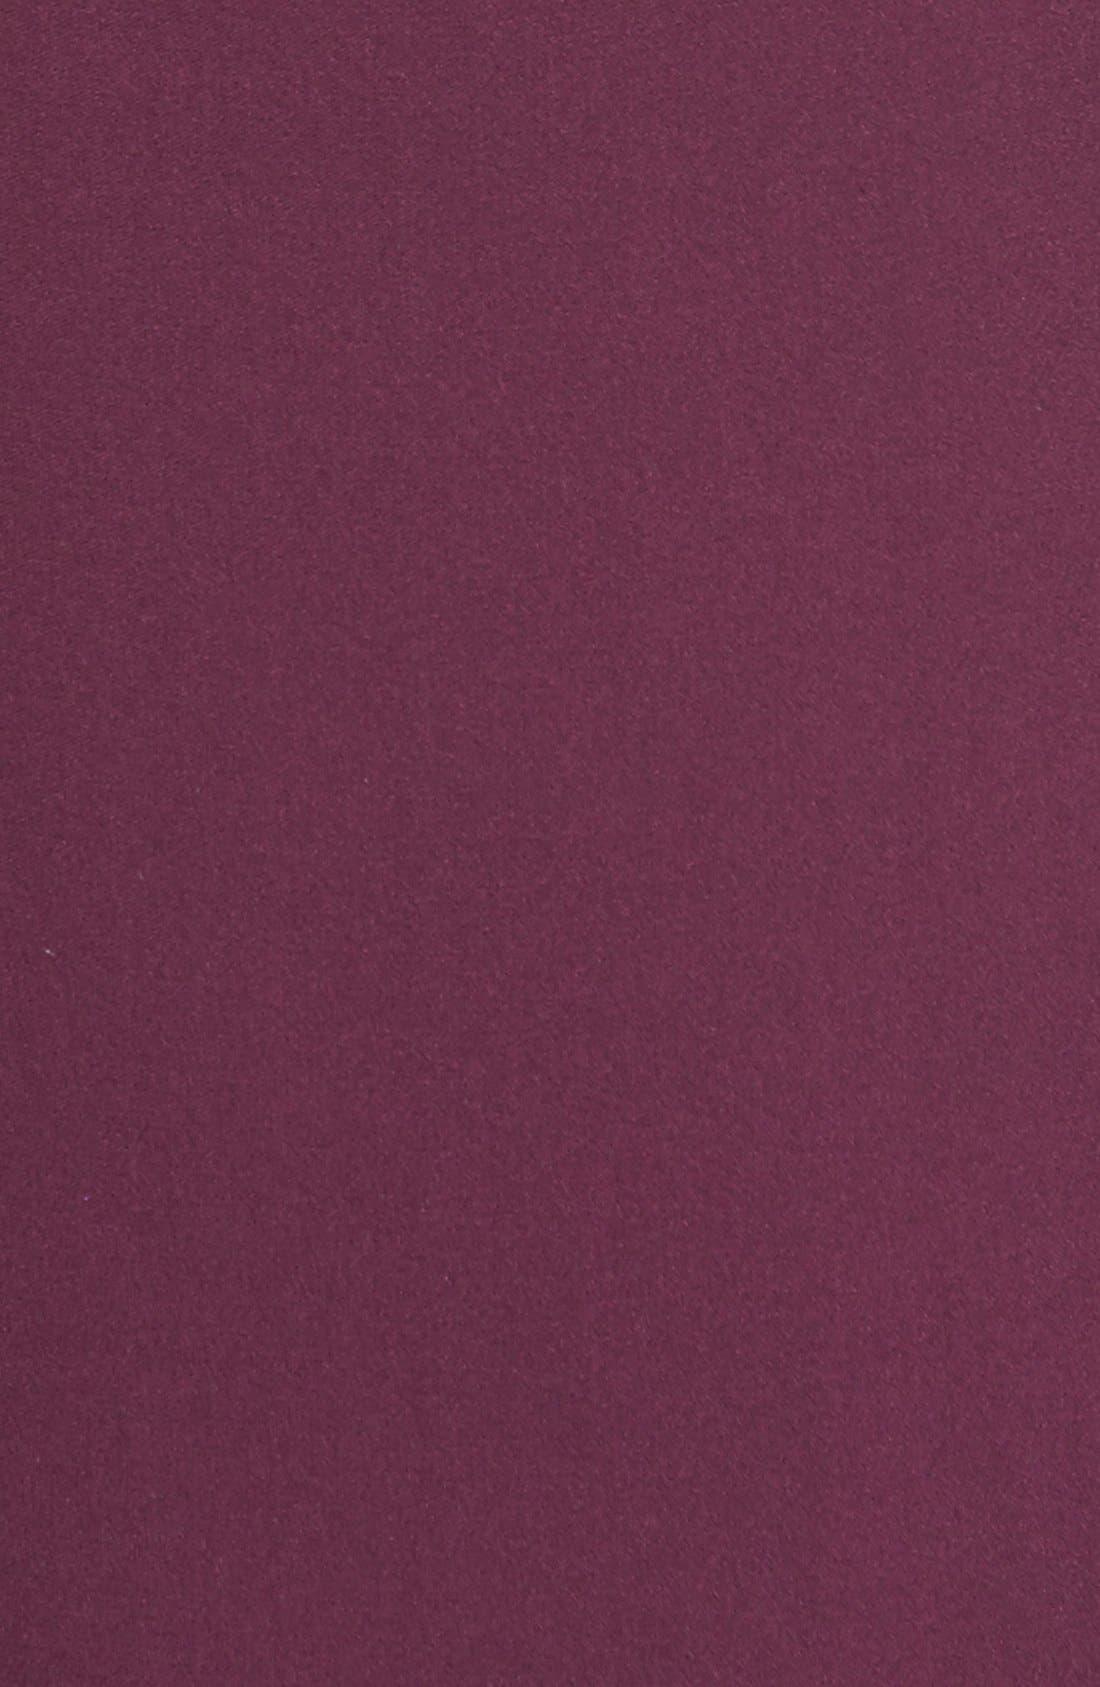 Alternate Image 5  - Matty M Chiffon Overlay High/Low Knit Tank (Regular & Petite)